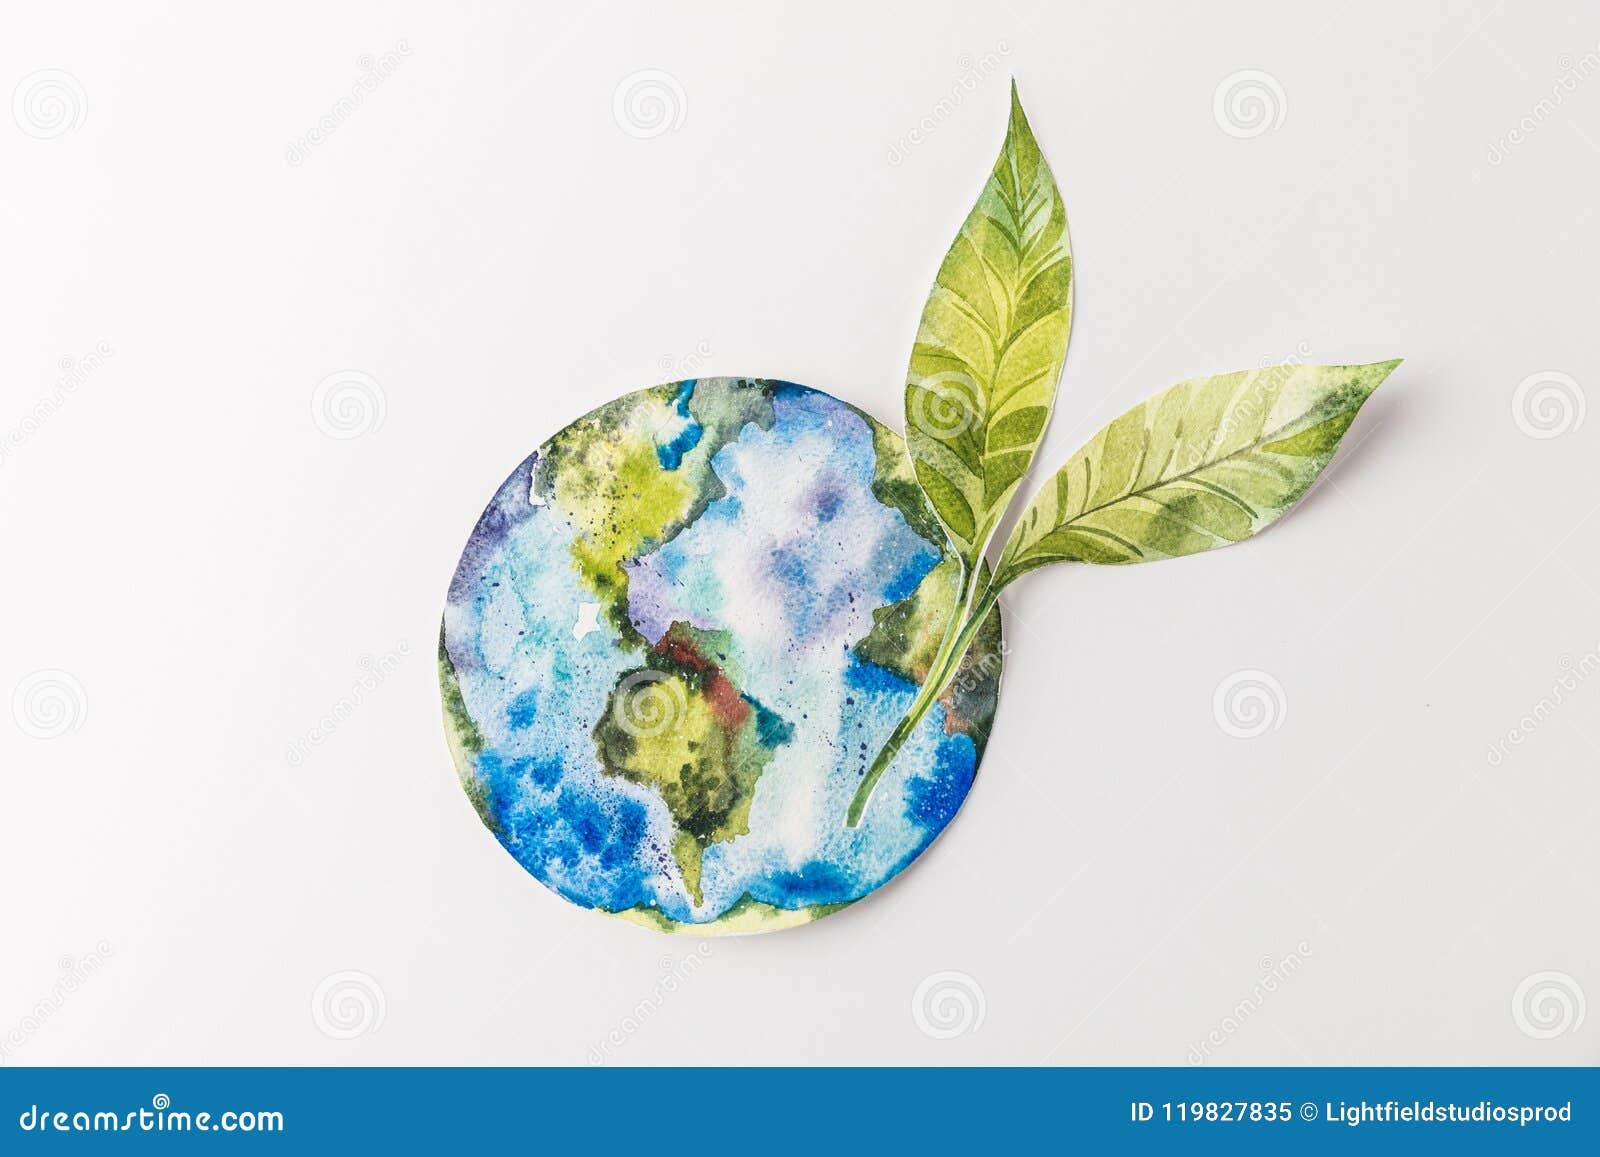 Vista superior do globo de papel colorido feito a mão com as folhas do verde isoladas no cinza, proteção ambiental e conceito da